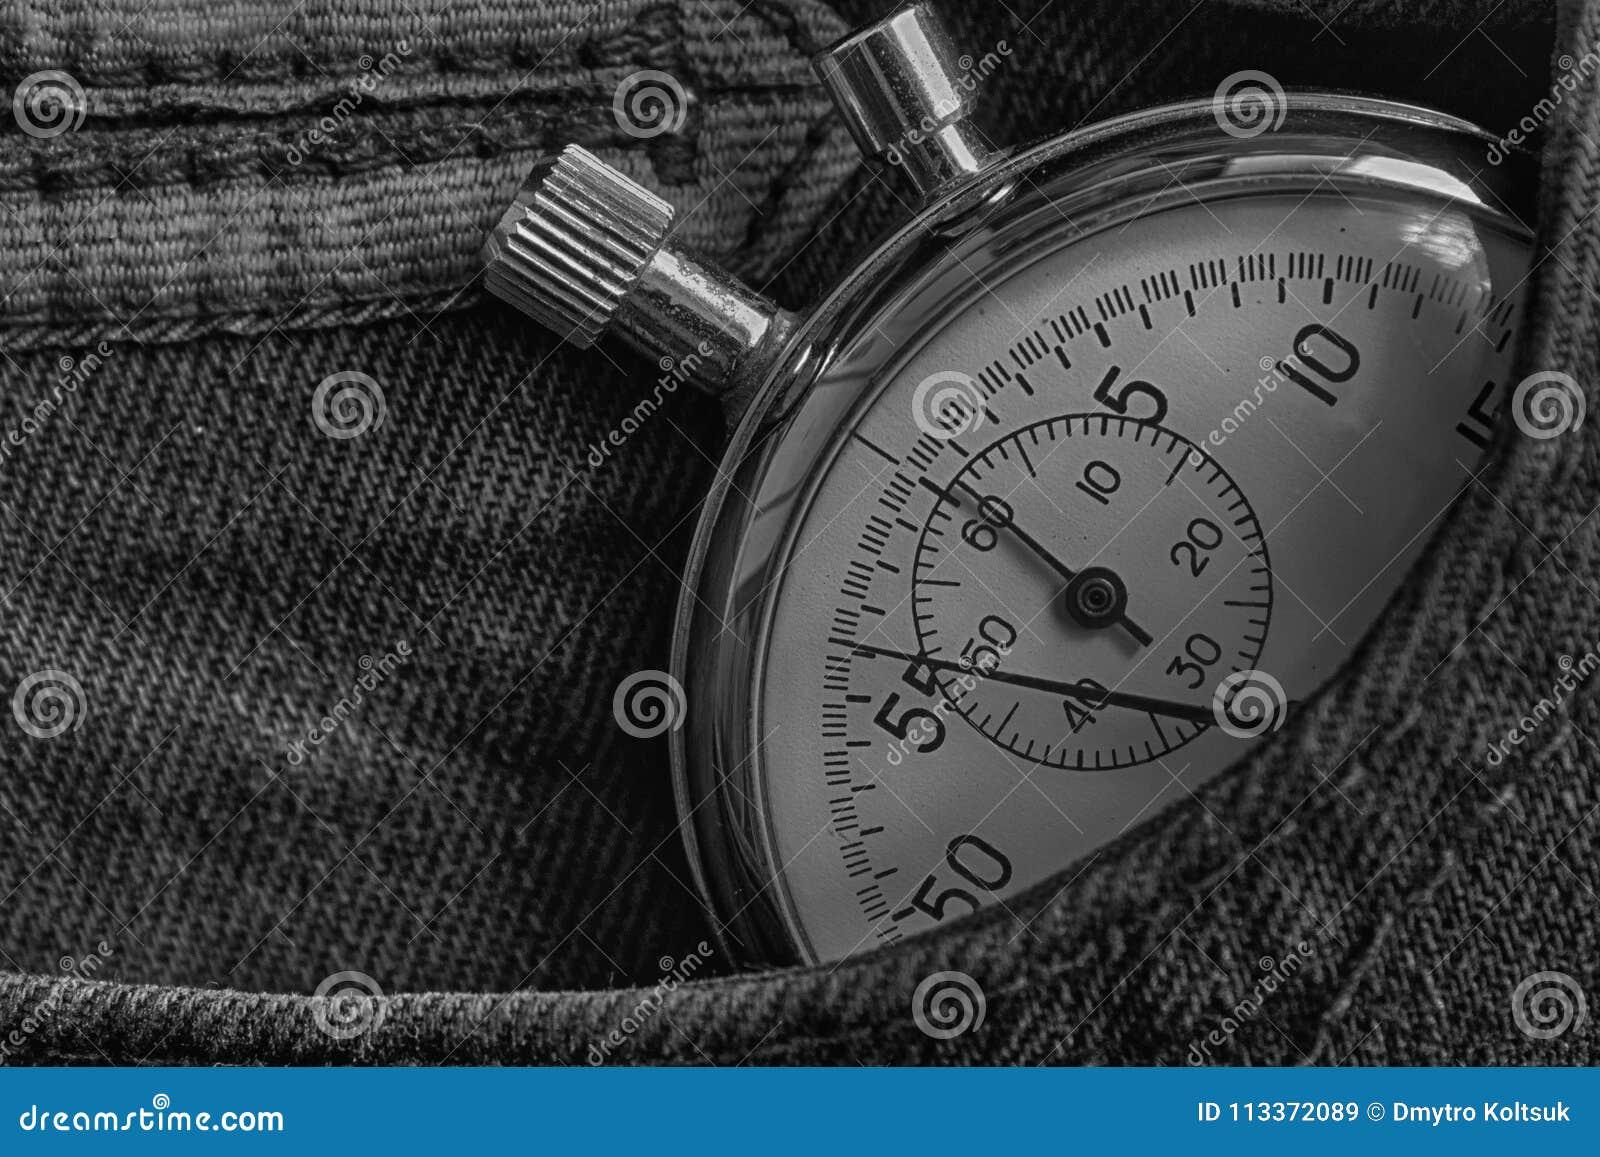 葡萄酒古董秒表,在黑暗的牛仔布口袋,价值措施时间,老时钟箭头分钟,第二个准确性定时器纪录